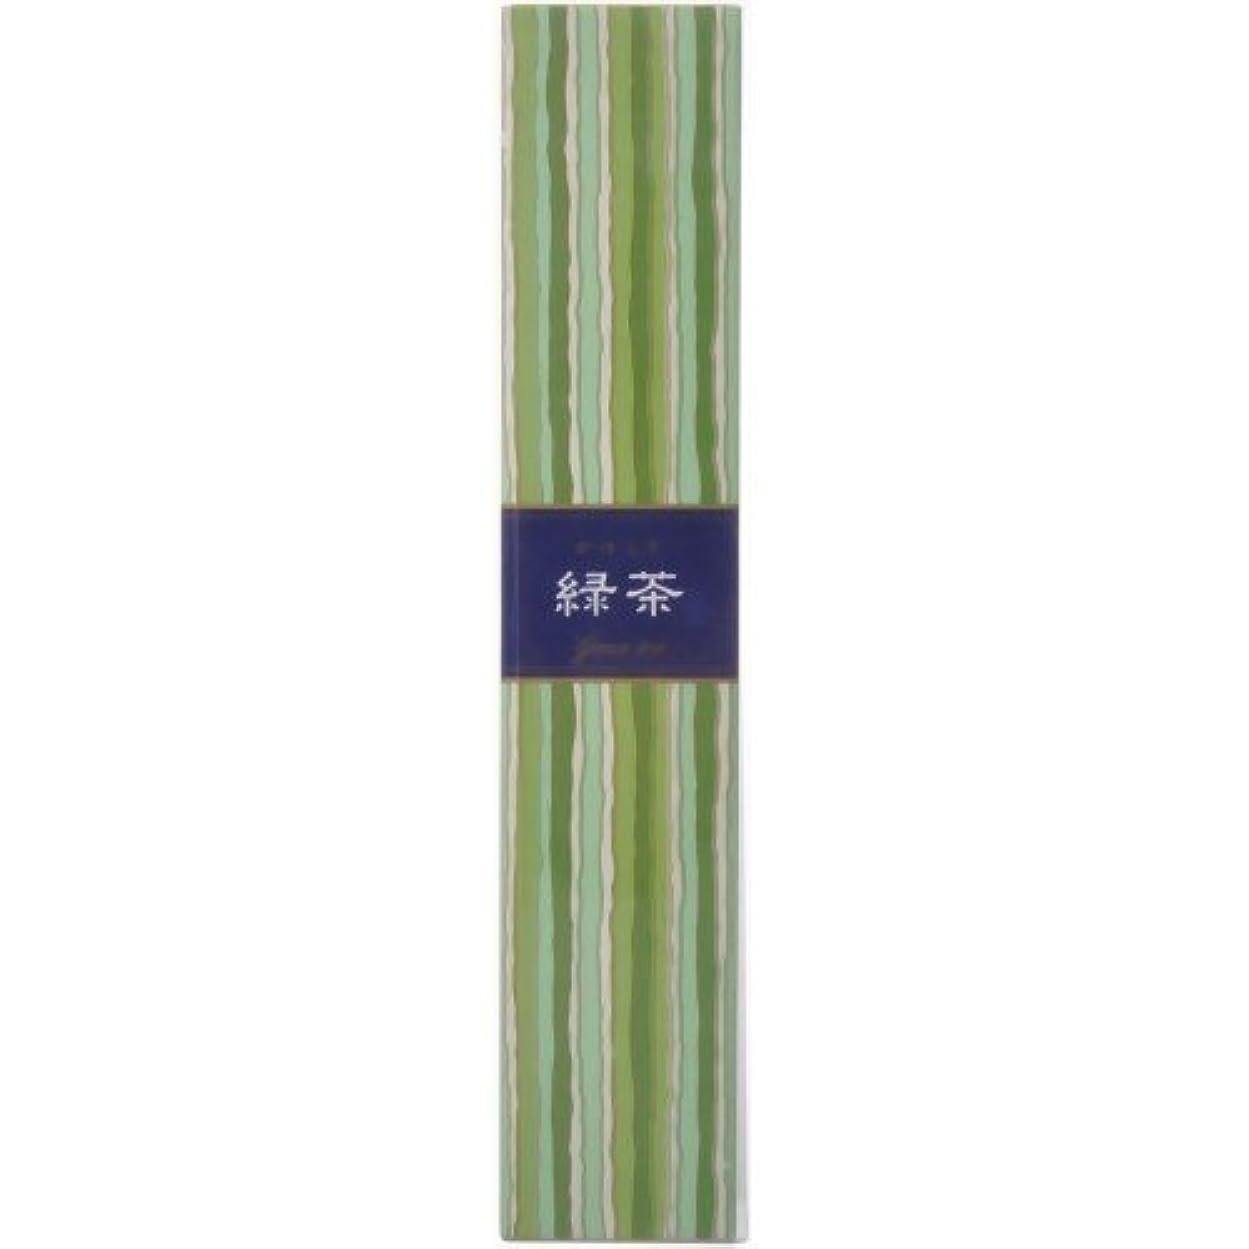 入口夕方描写かゆらぎ スティック 緑茶40本 × 5個セット